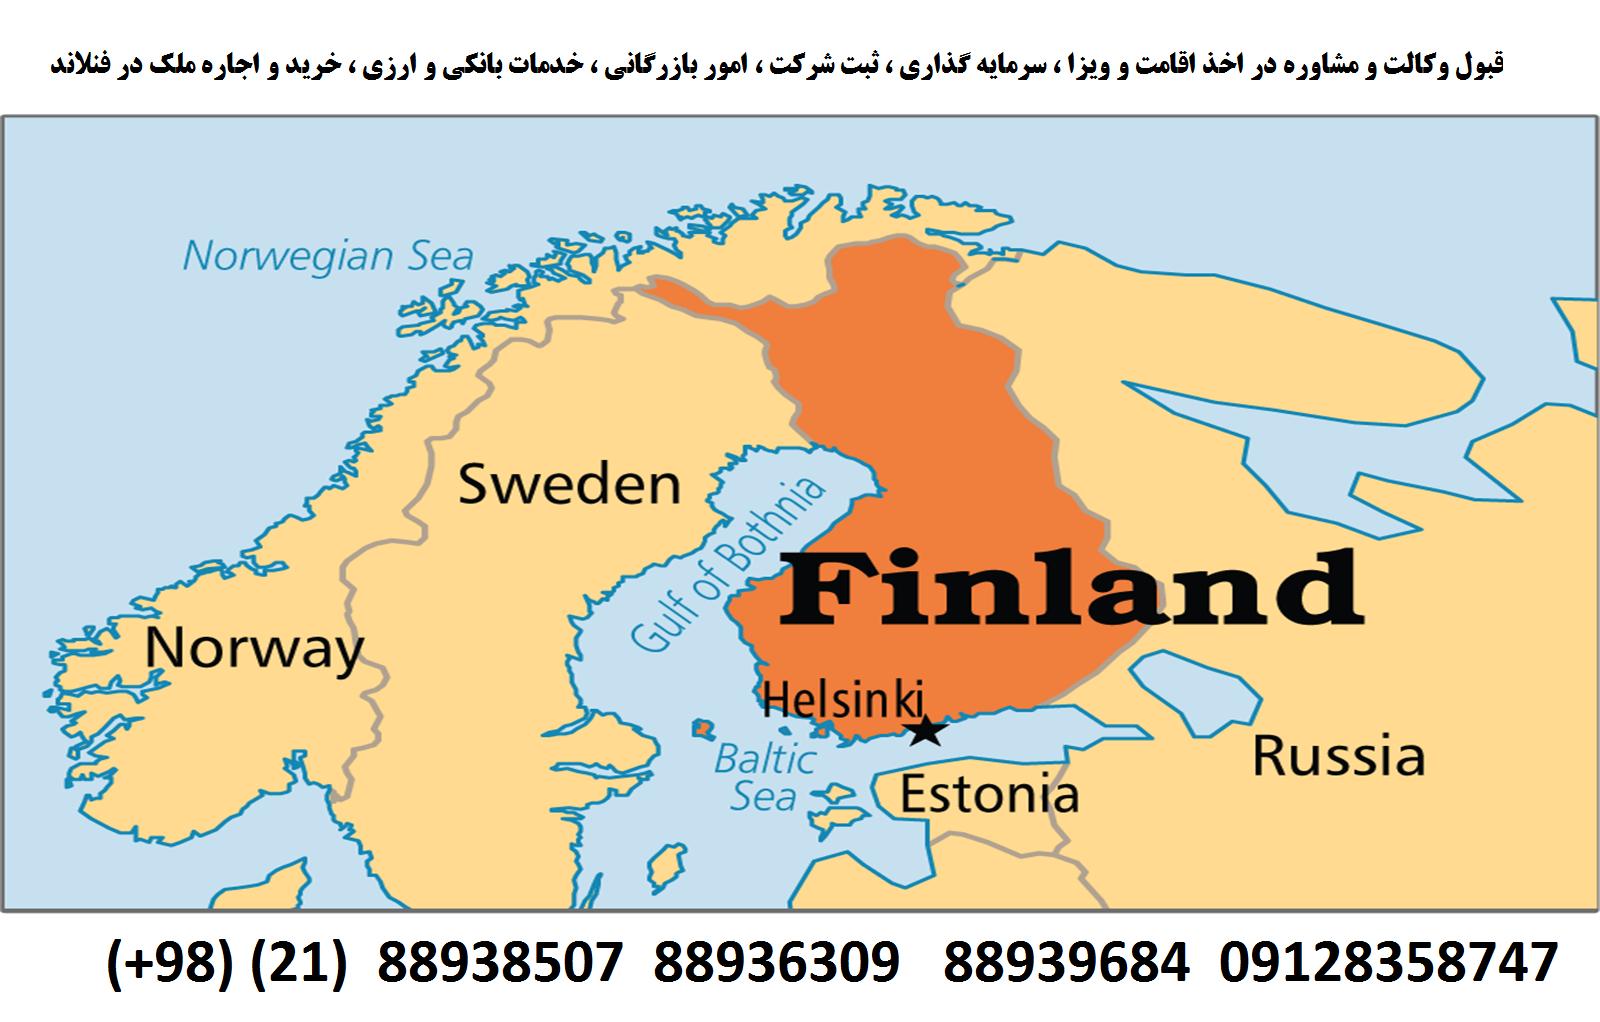 اقامت ، اخذ ویزا ، ثبت شرکت ، سرمایه گذاری در فنلاند (1)